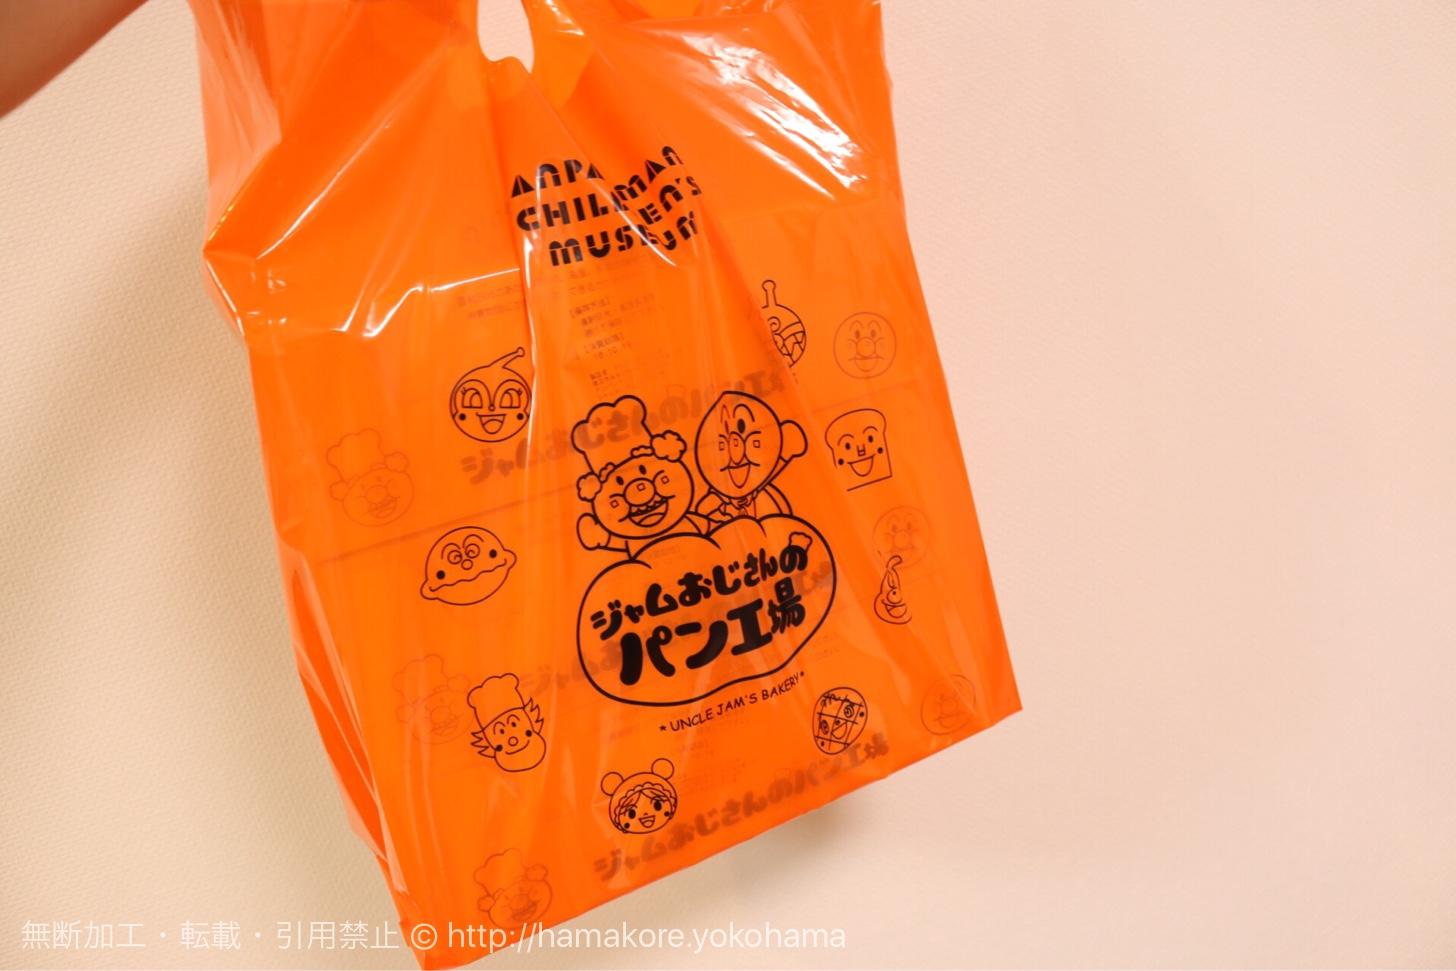 持ち帰り用の袋